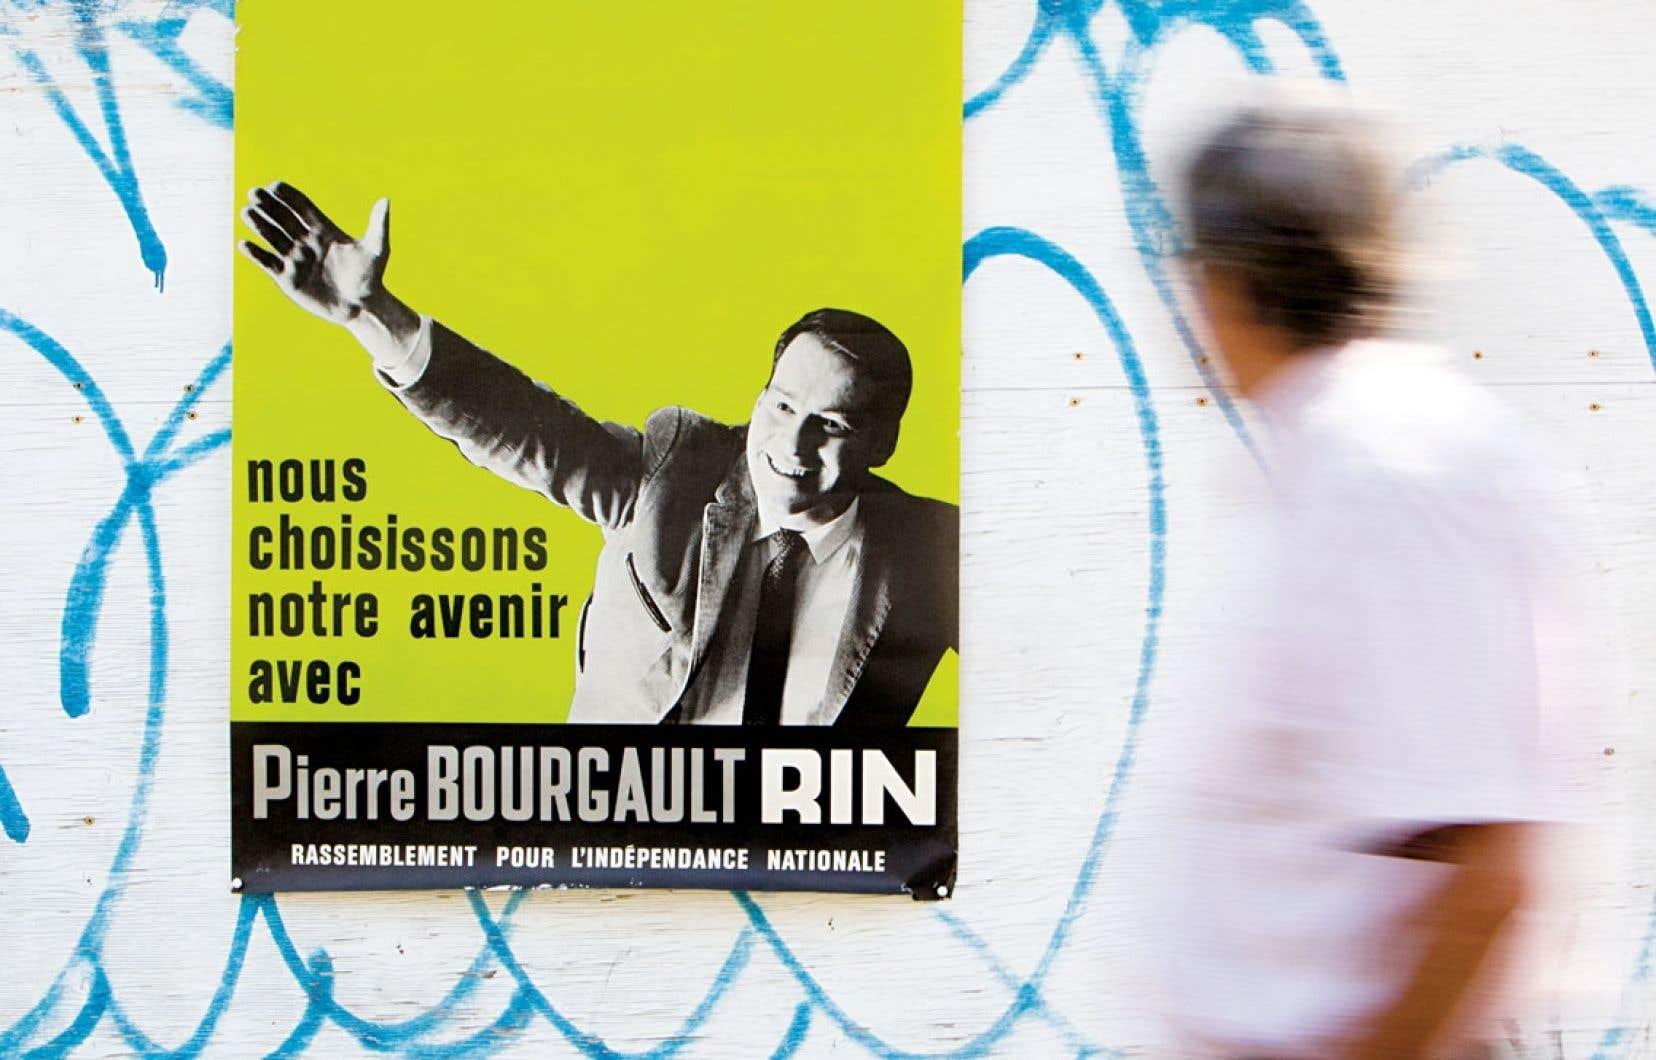 Dans un extrait audio qui sera présenté par Radio-Canada, Pierre Bourgault raconte que son arrivée en politique est le fruit du hasard. « Jamais de ma vie je n'aurais imaginé faire de la politique », disait-il.